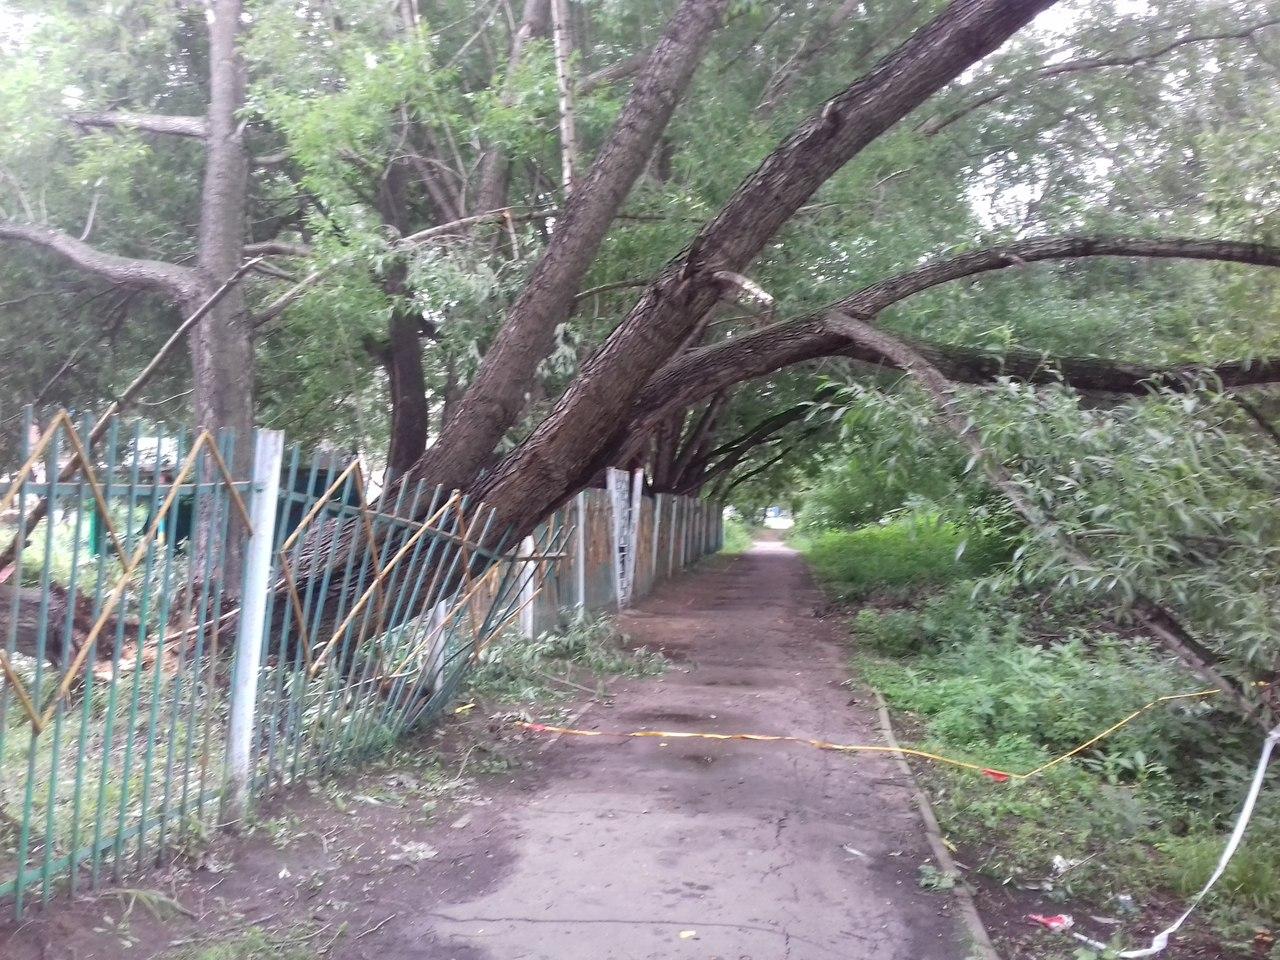 ВОмской области мужчину насмерть придавило упавшим деревом